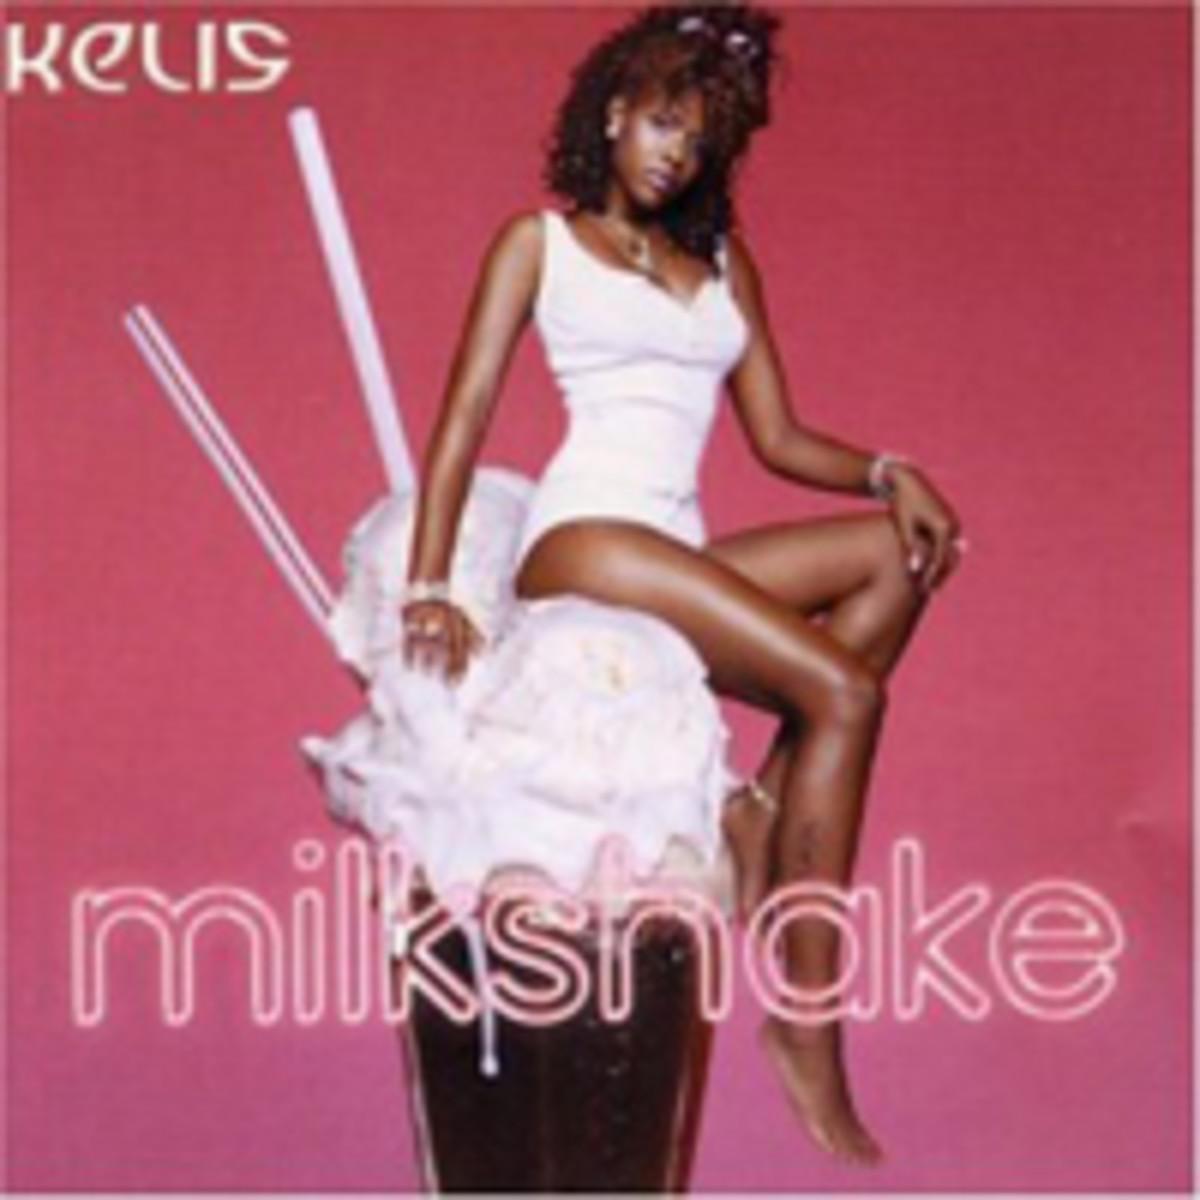 Kelis-Milkshake